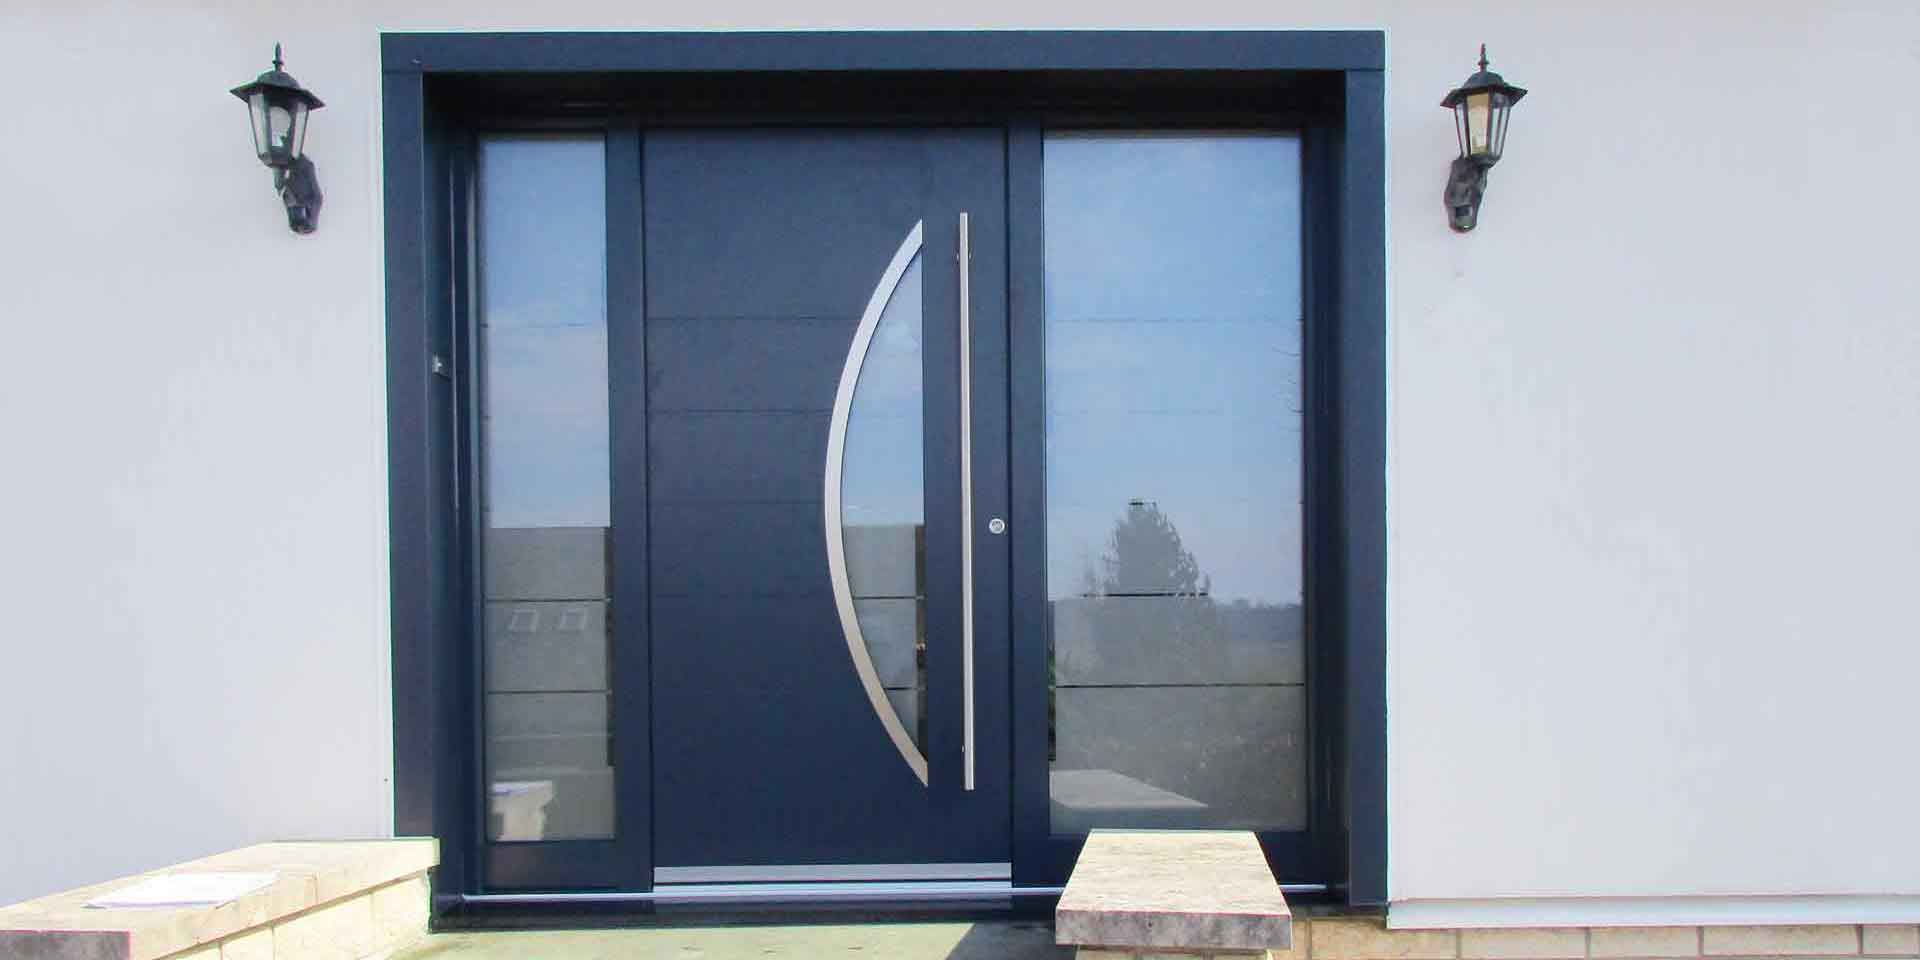 Nahaufnahme des Eingangsbereiches eines weißen Einfamilienhauses mit Blick auf eine graue Coplaning Aluminium Lack Haustür.